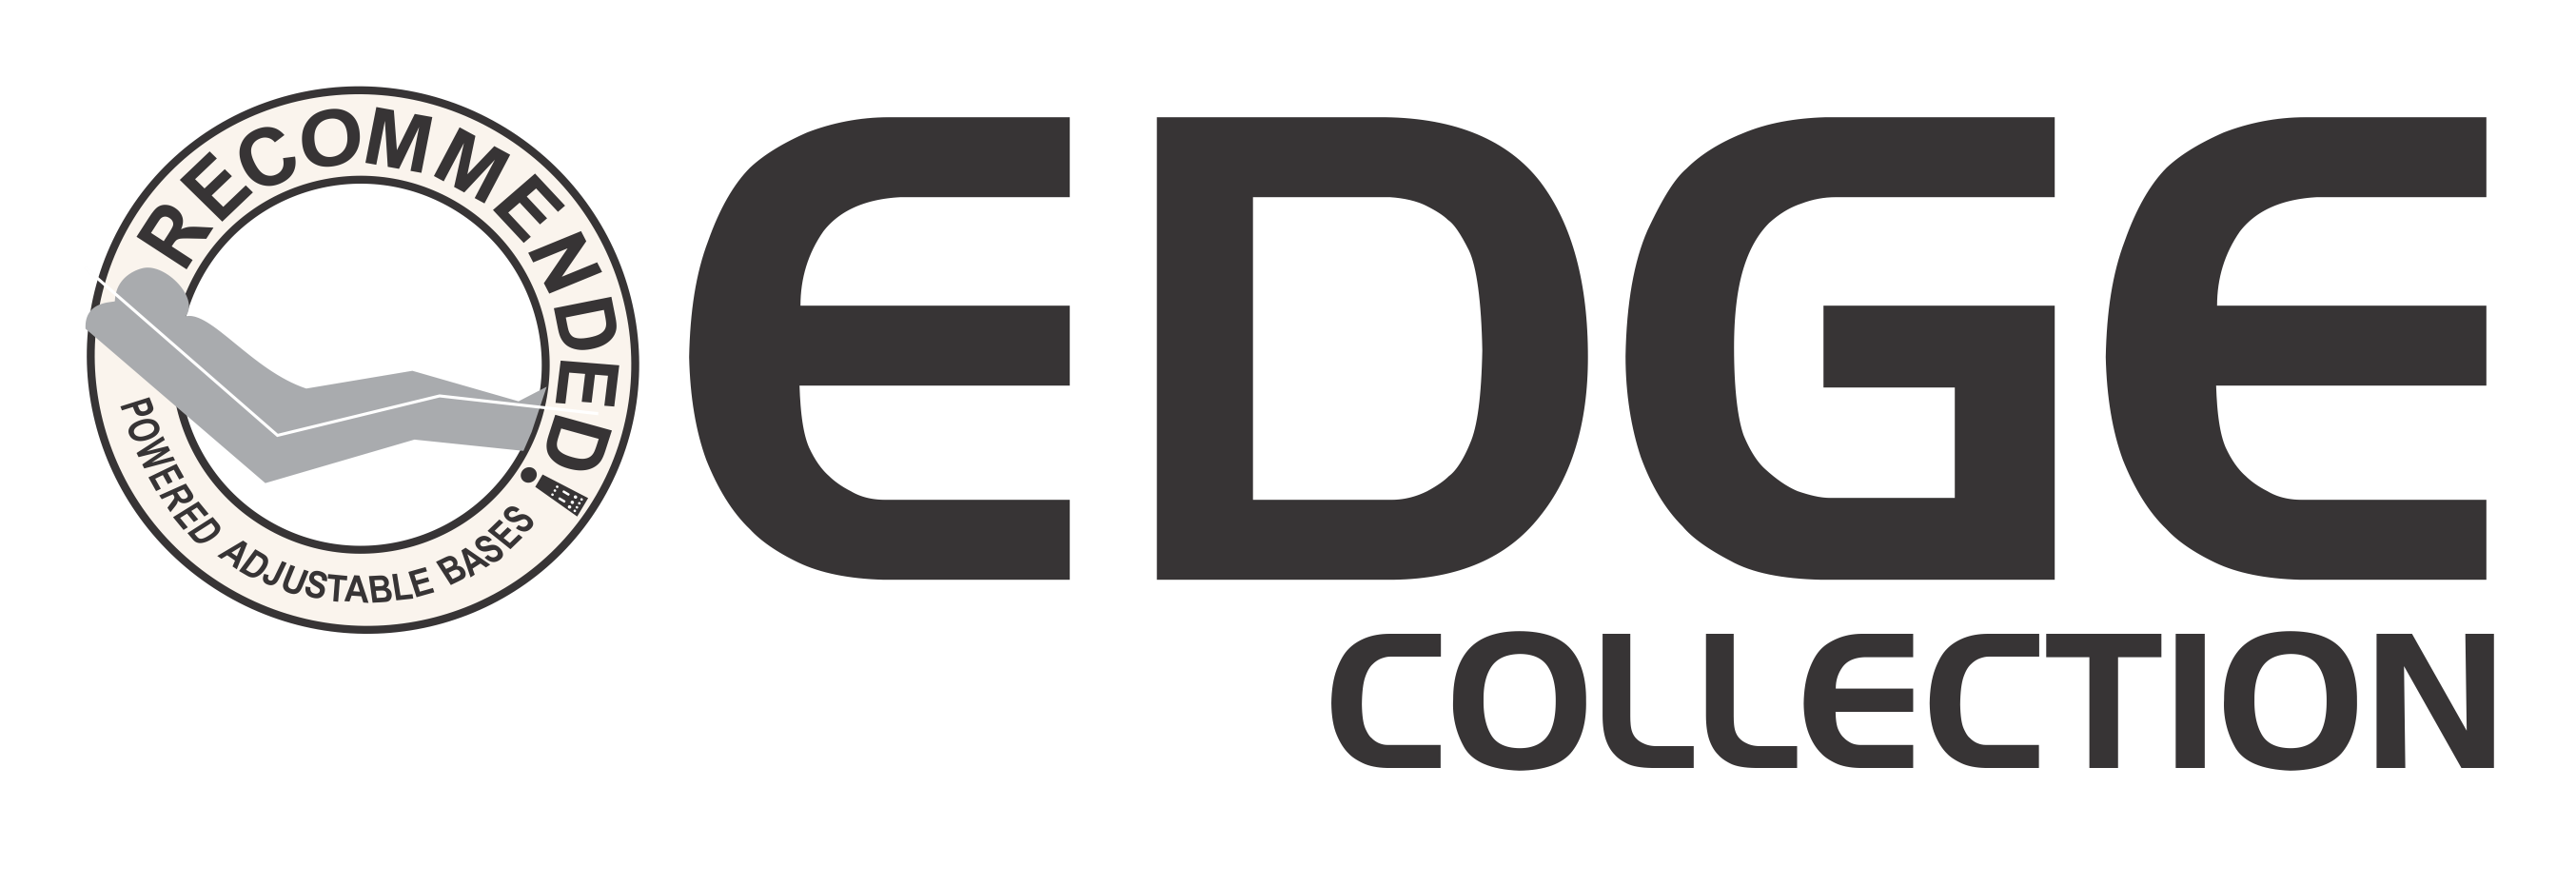 Edge Collection Logo